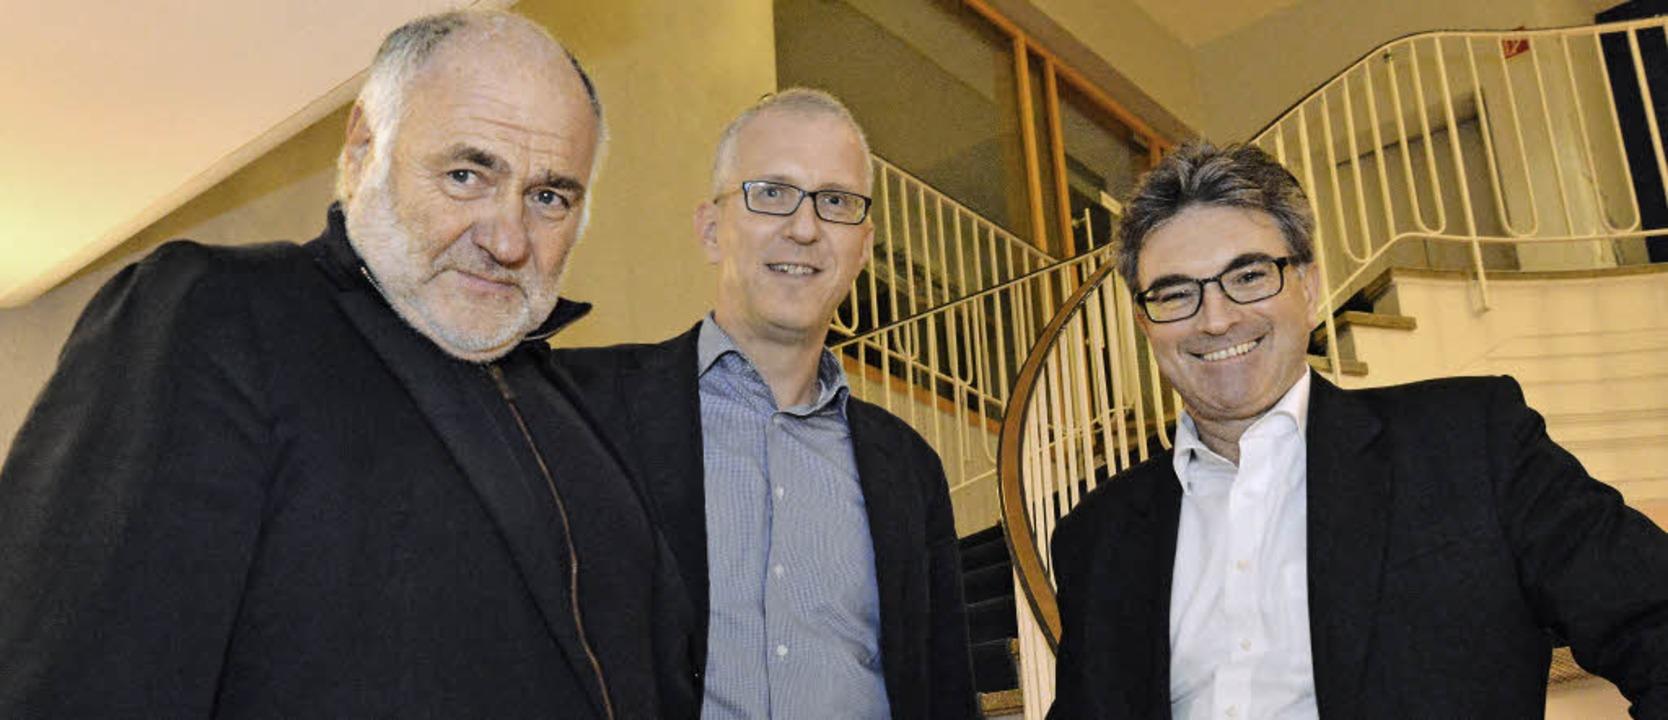 Rezzo Schlauch, Reinhold Weber und Dieter Salomon (von links) im BZ-Haus   | Foto: Michael Bamberger